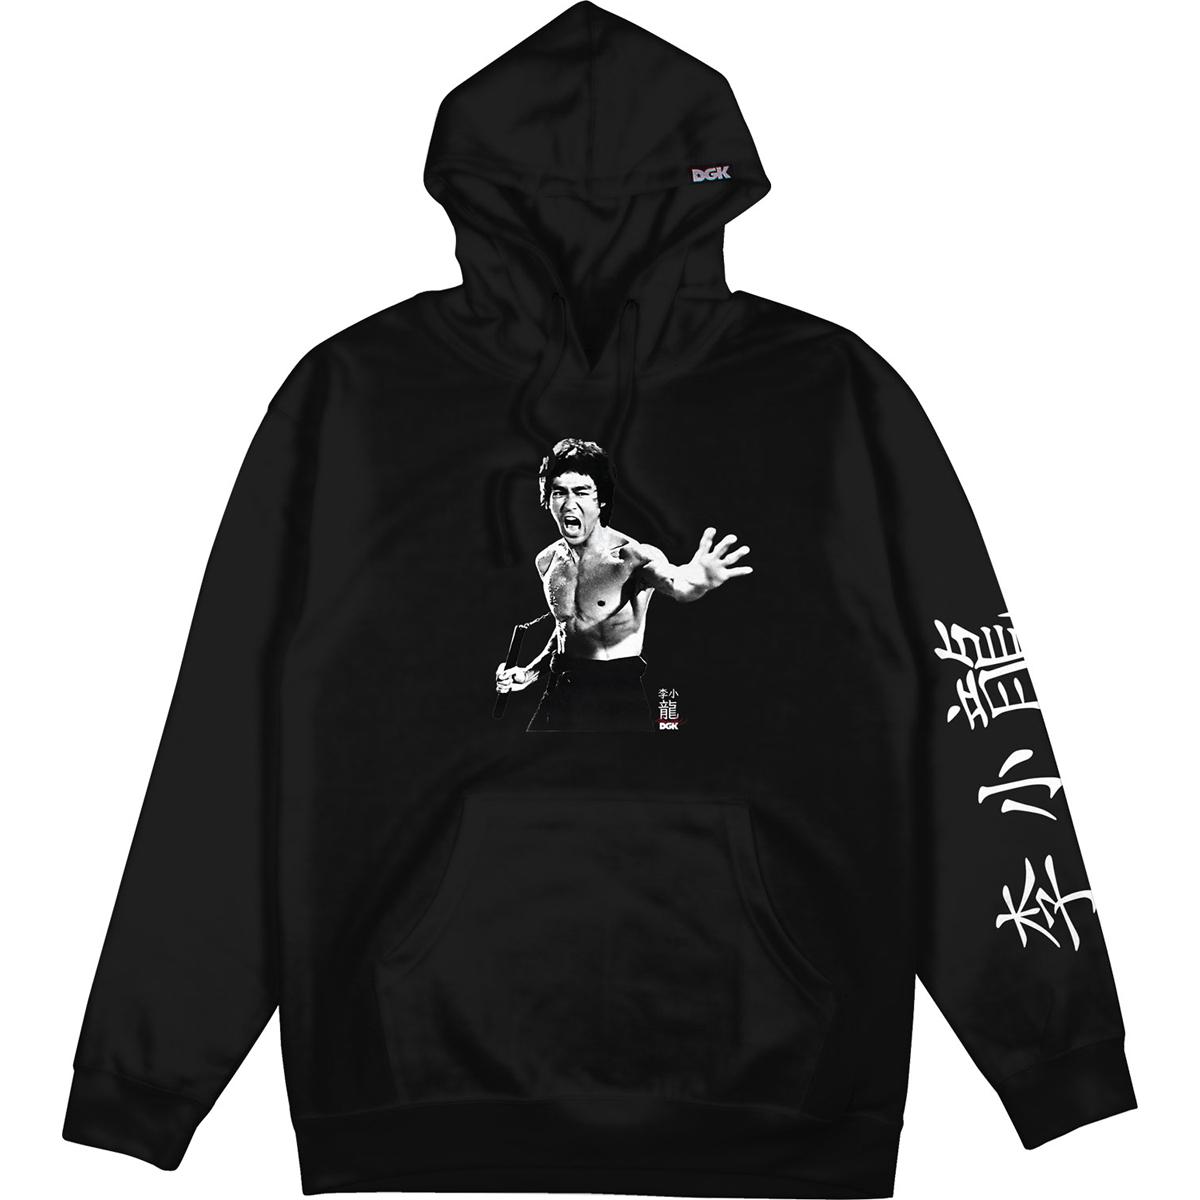 Fierce DGK Pullover Hoodie - Black